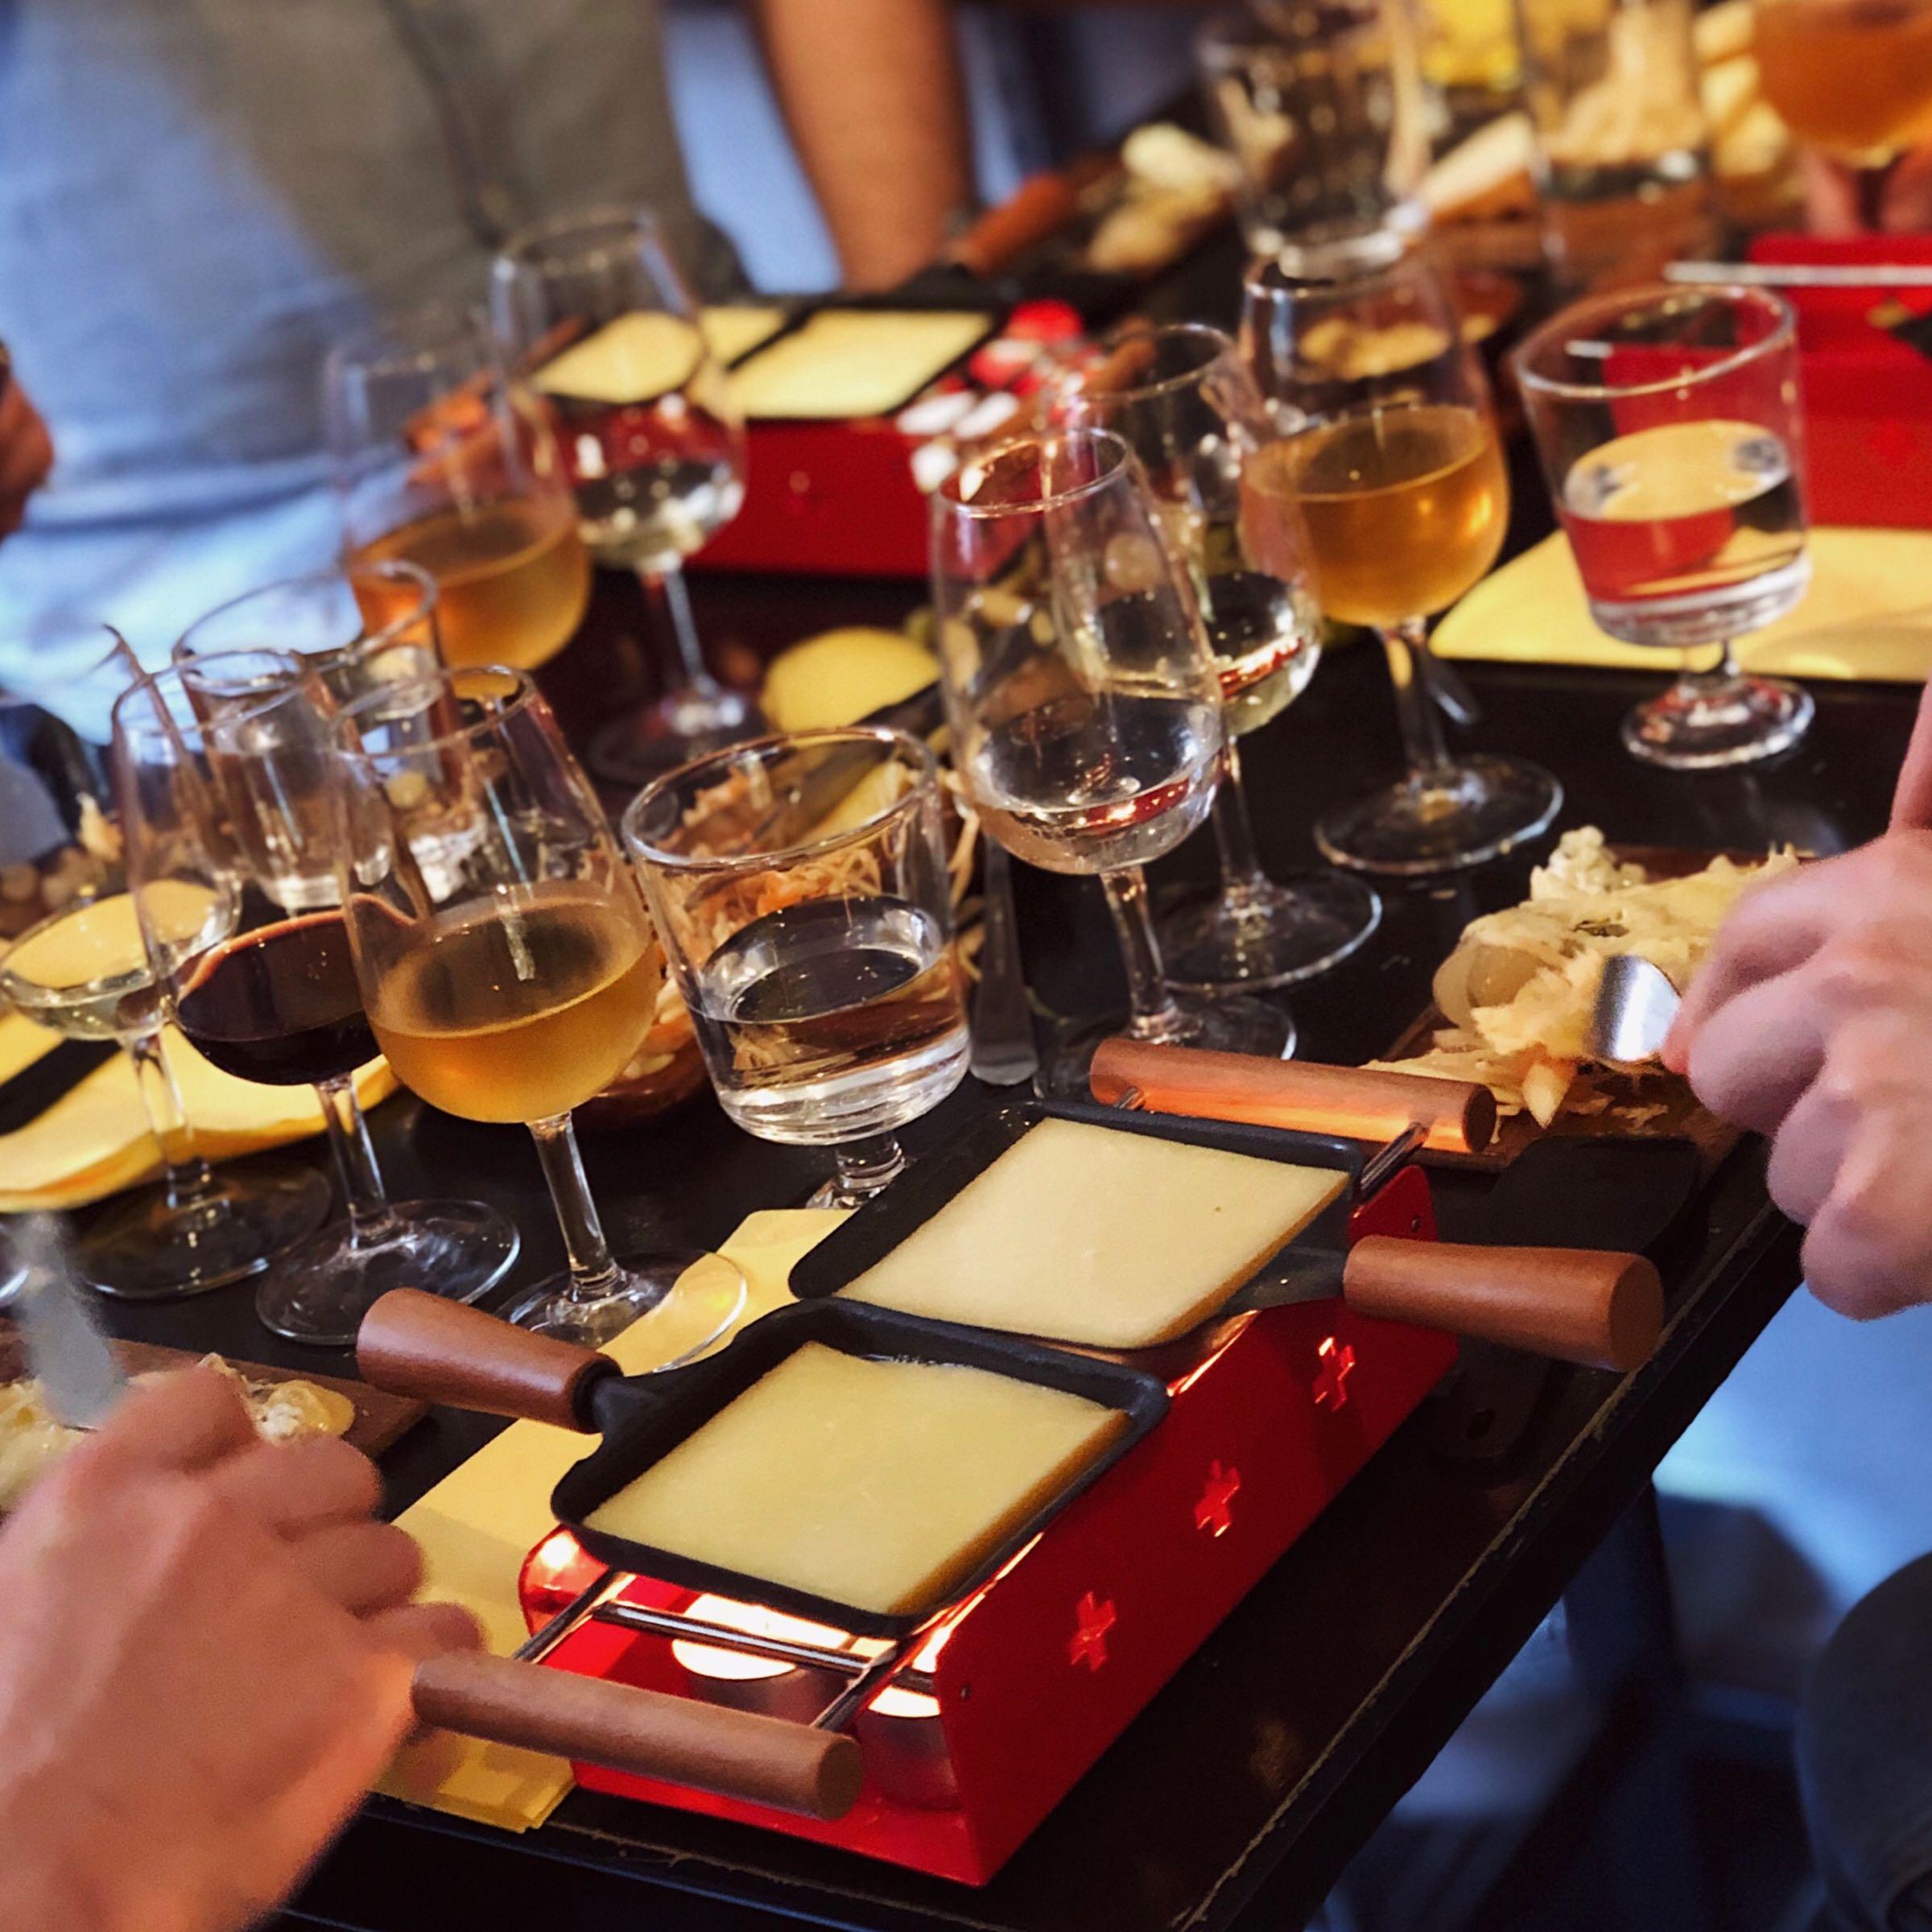 Raclette - Ta tills du skäms